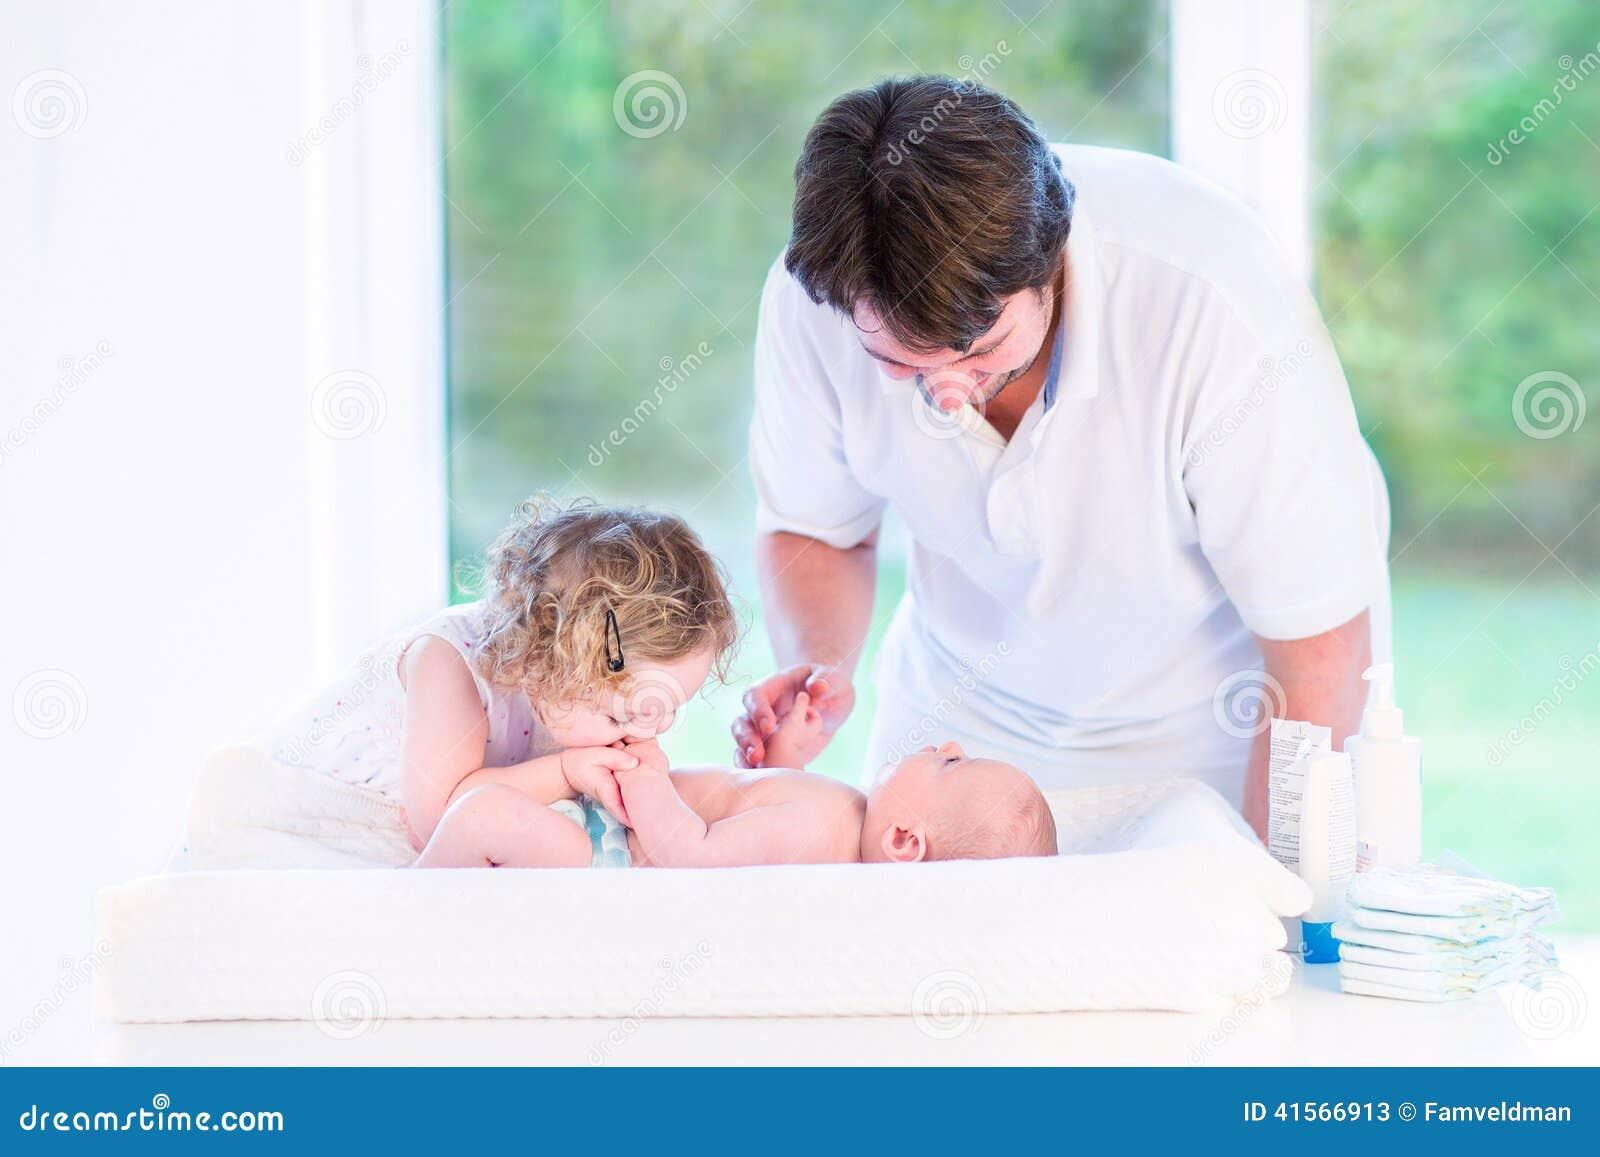 Śliczna berbeć dziewczyna całuje jej nowonarodzonego dziecko brata